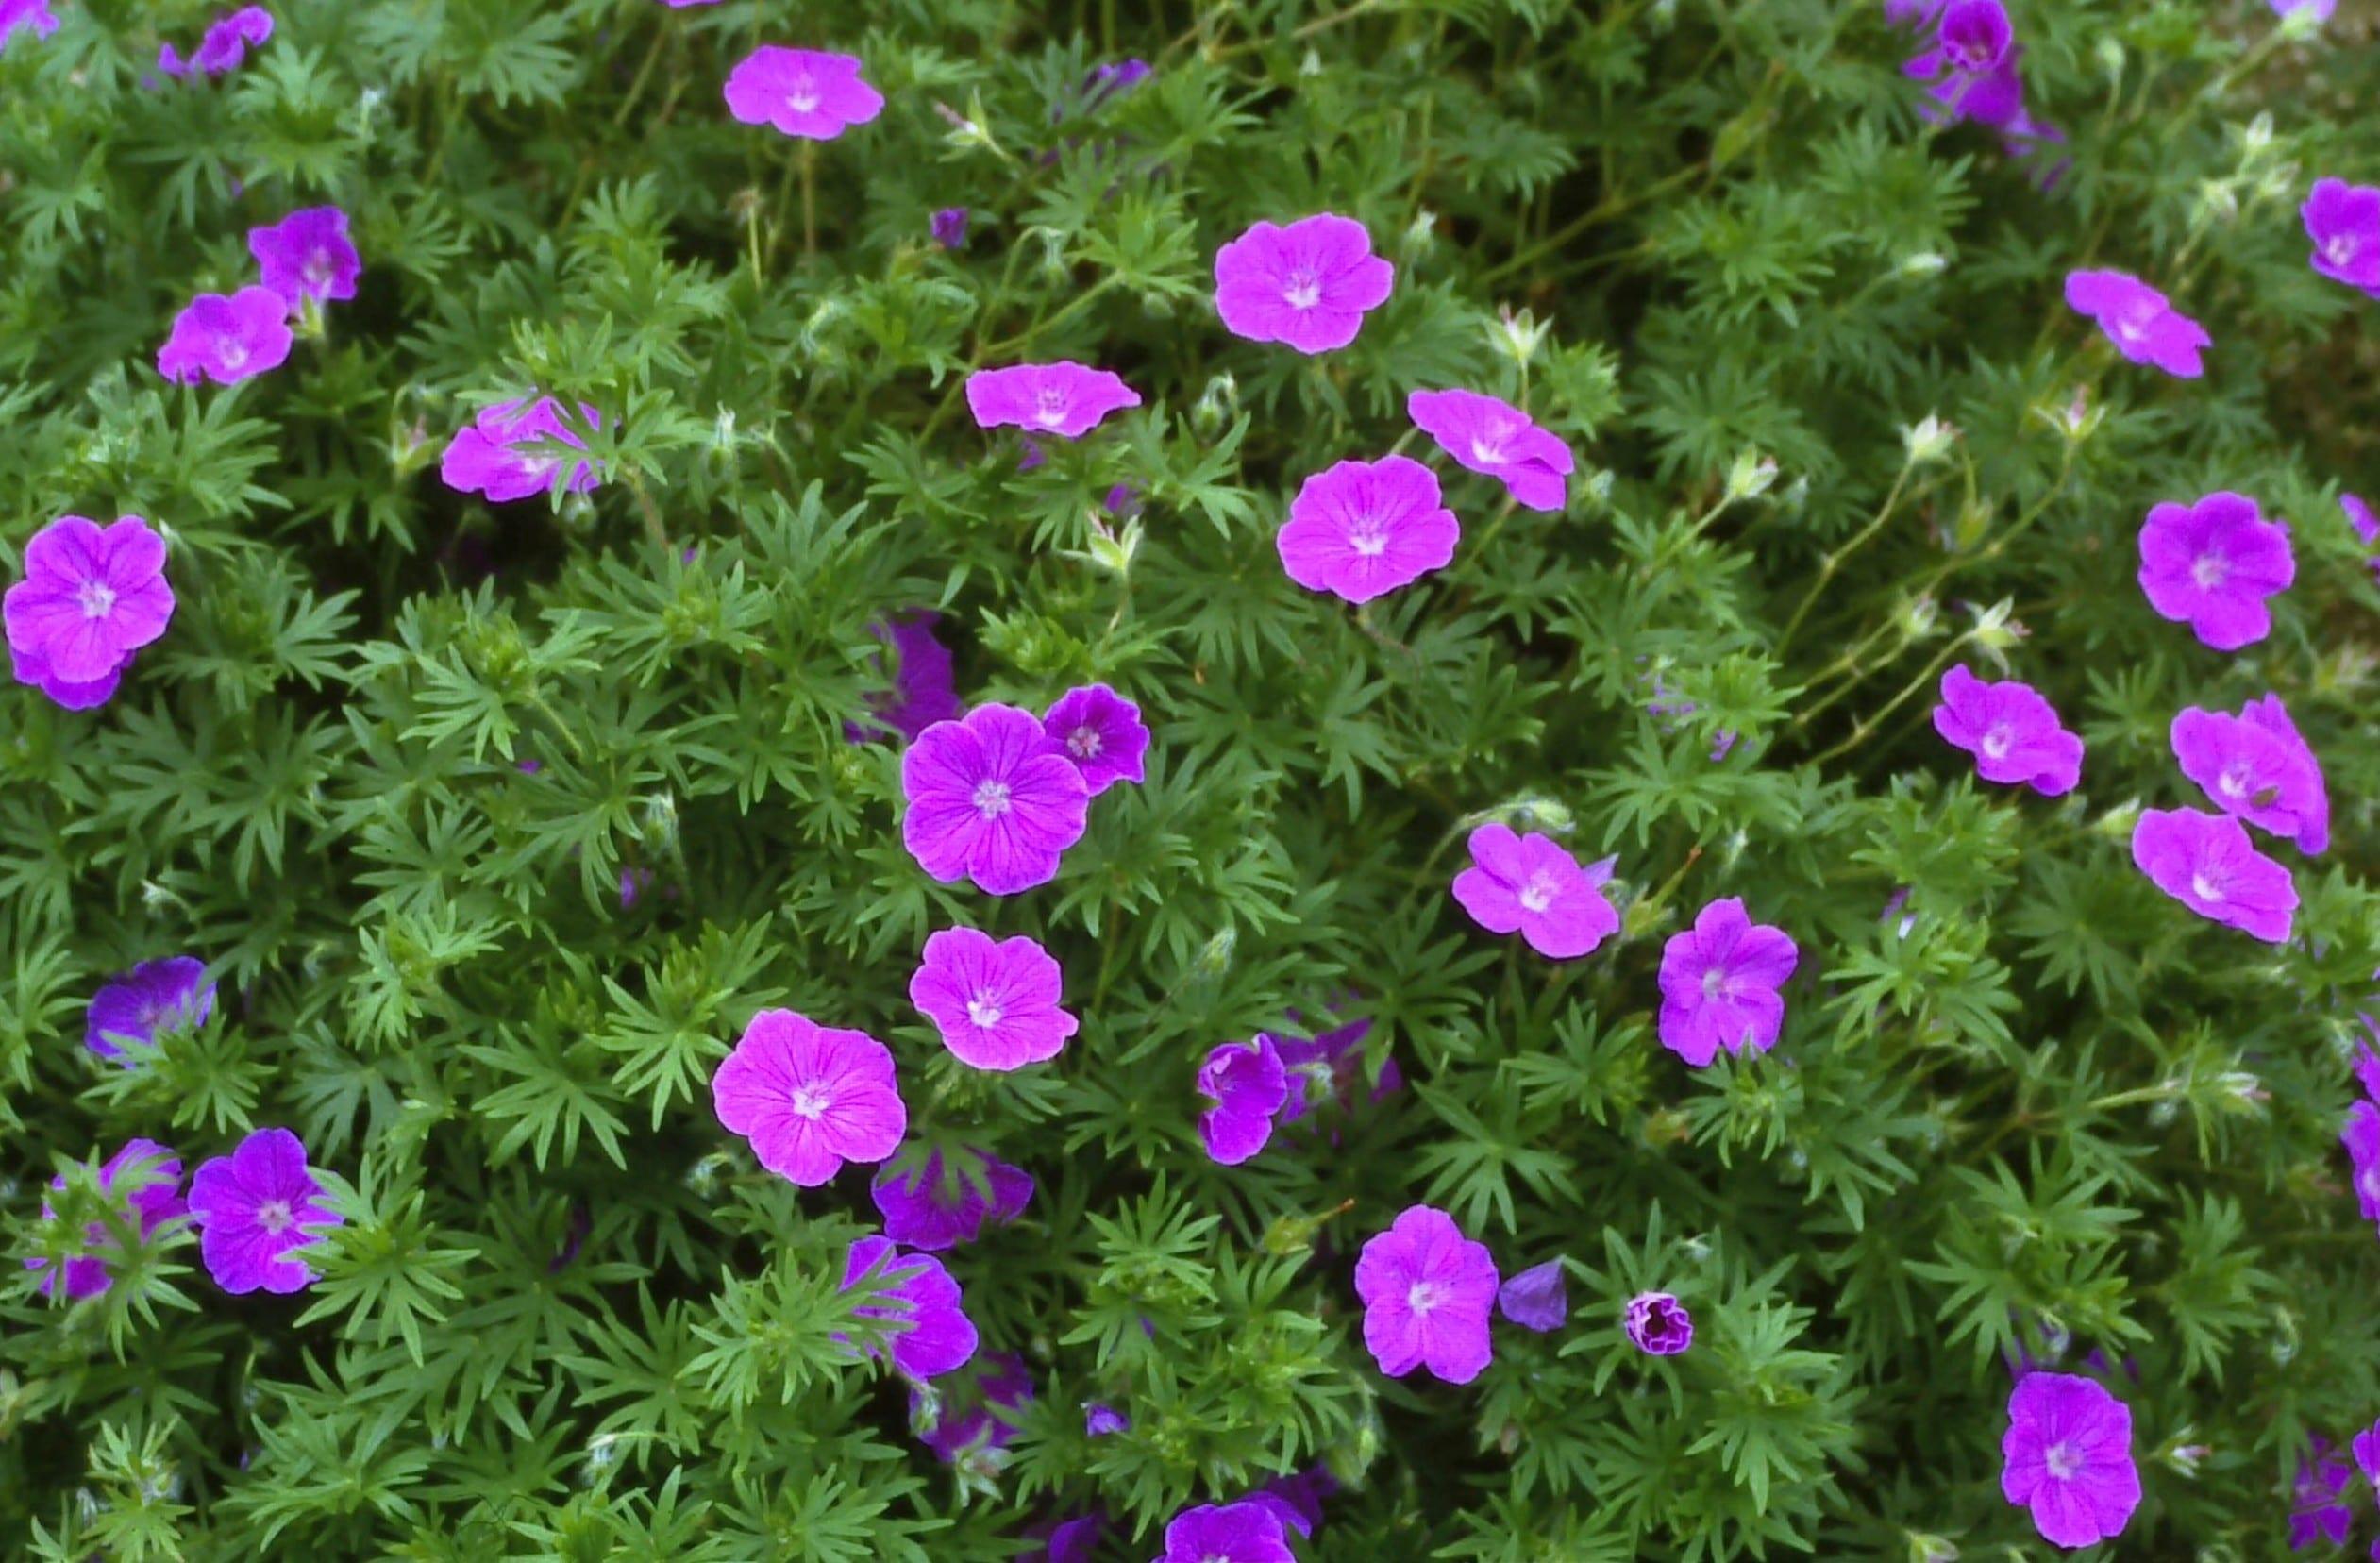 Geranium Maculatum Plant